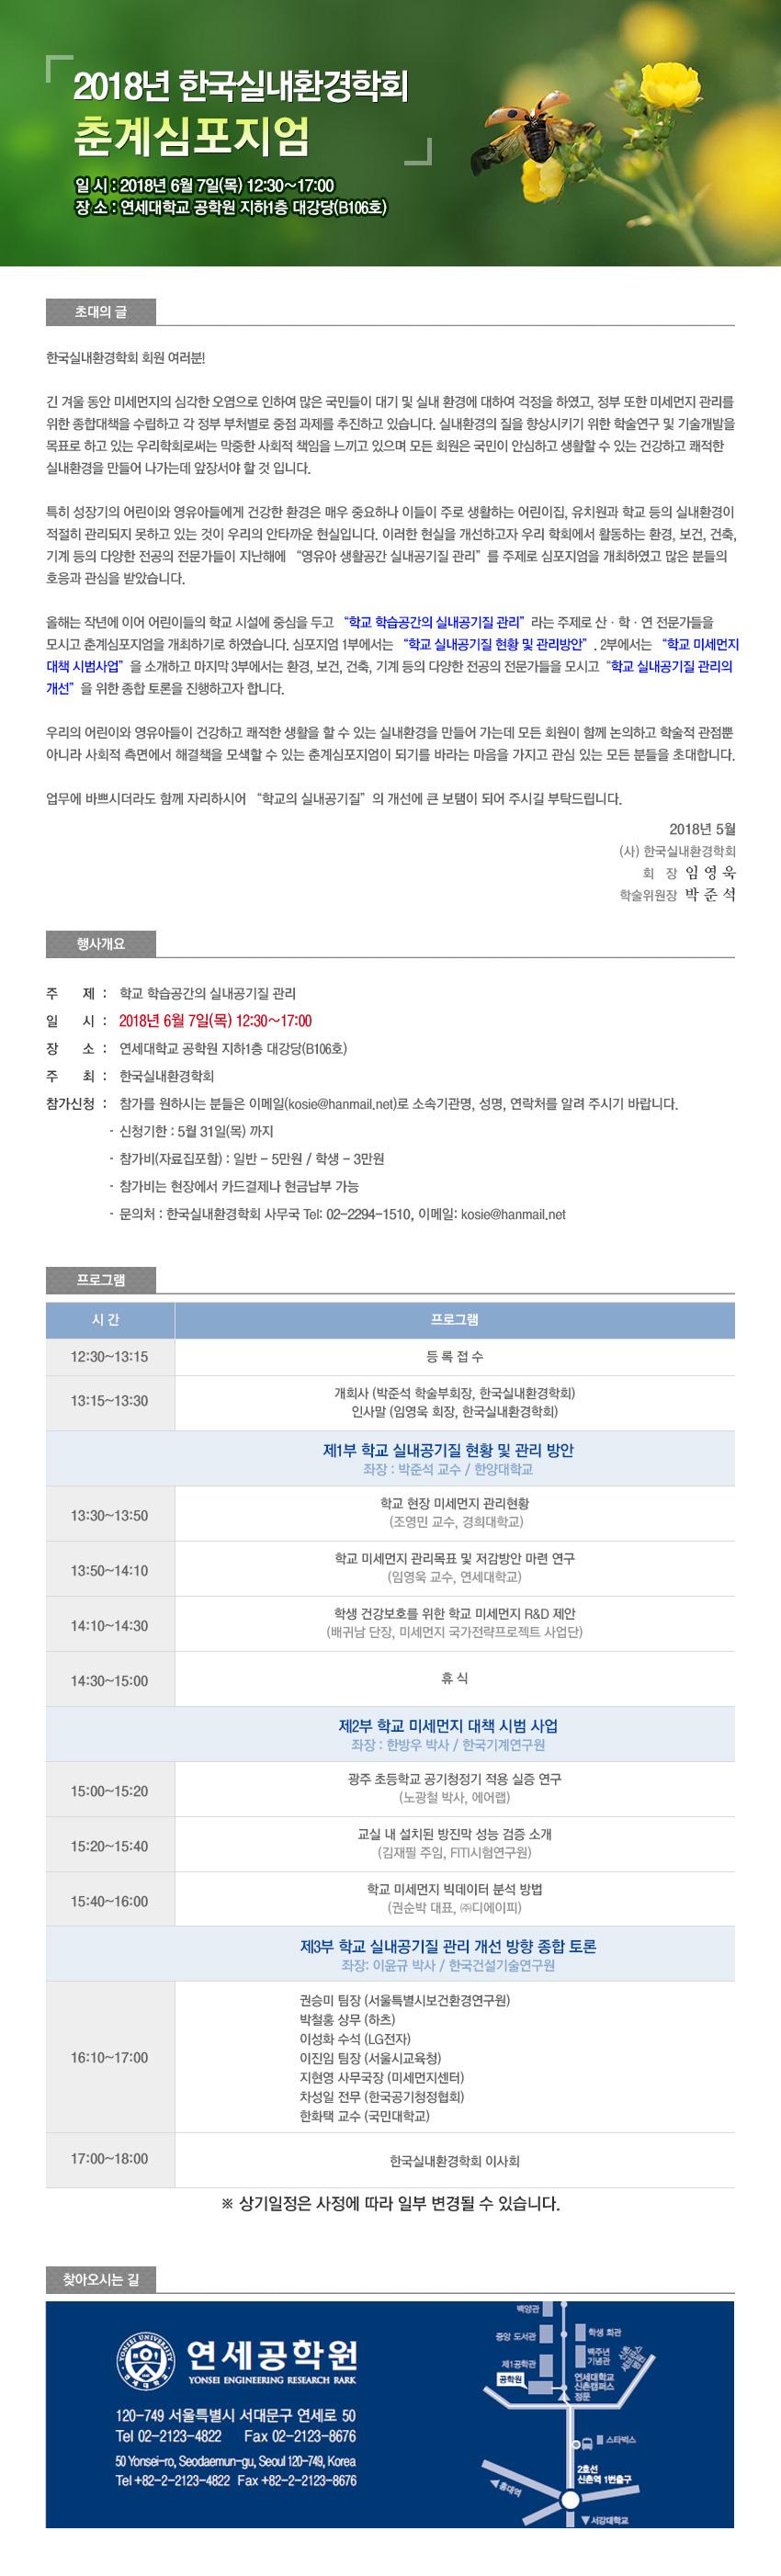 이미지 1:[한국실내환경학회] 춘계심포지엄 개최 안내